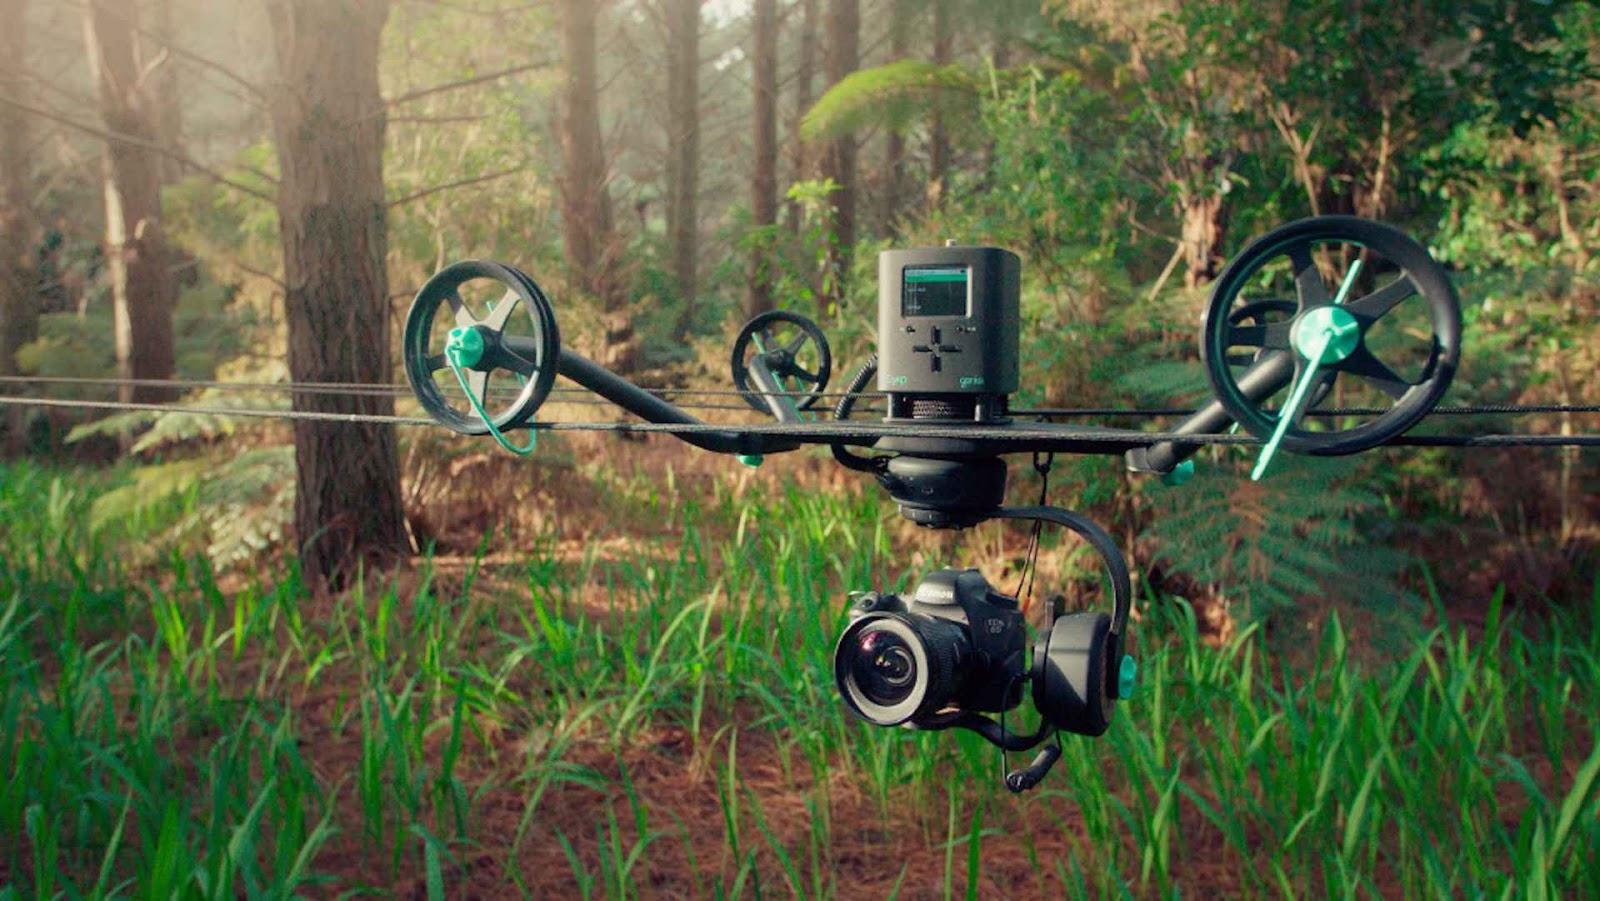 Slingshot позволяет снимать тайм-лапсы и видео в реальном времени